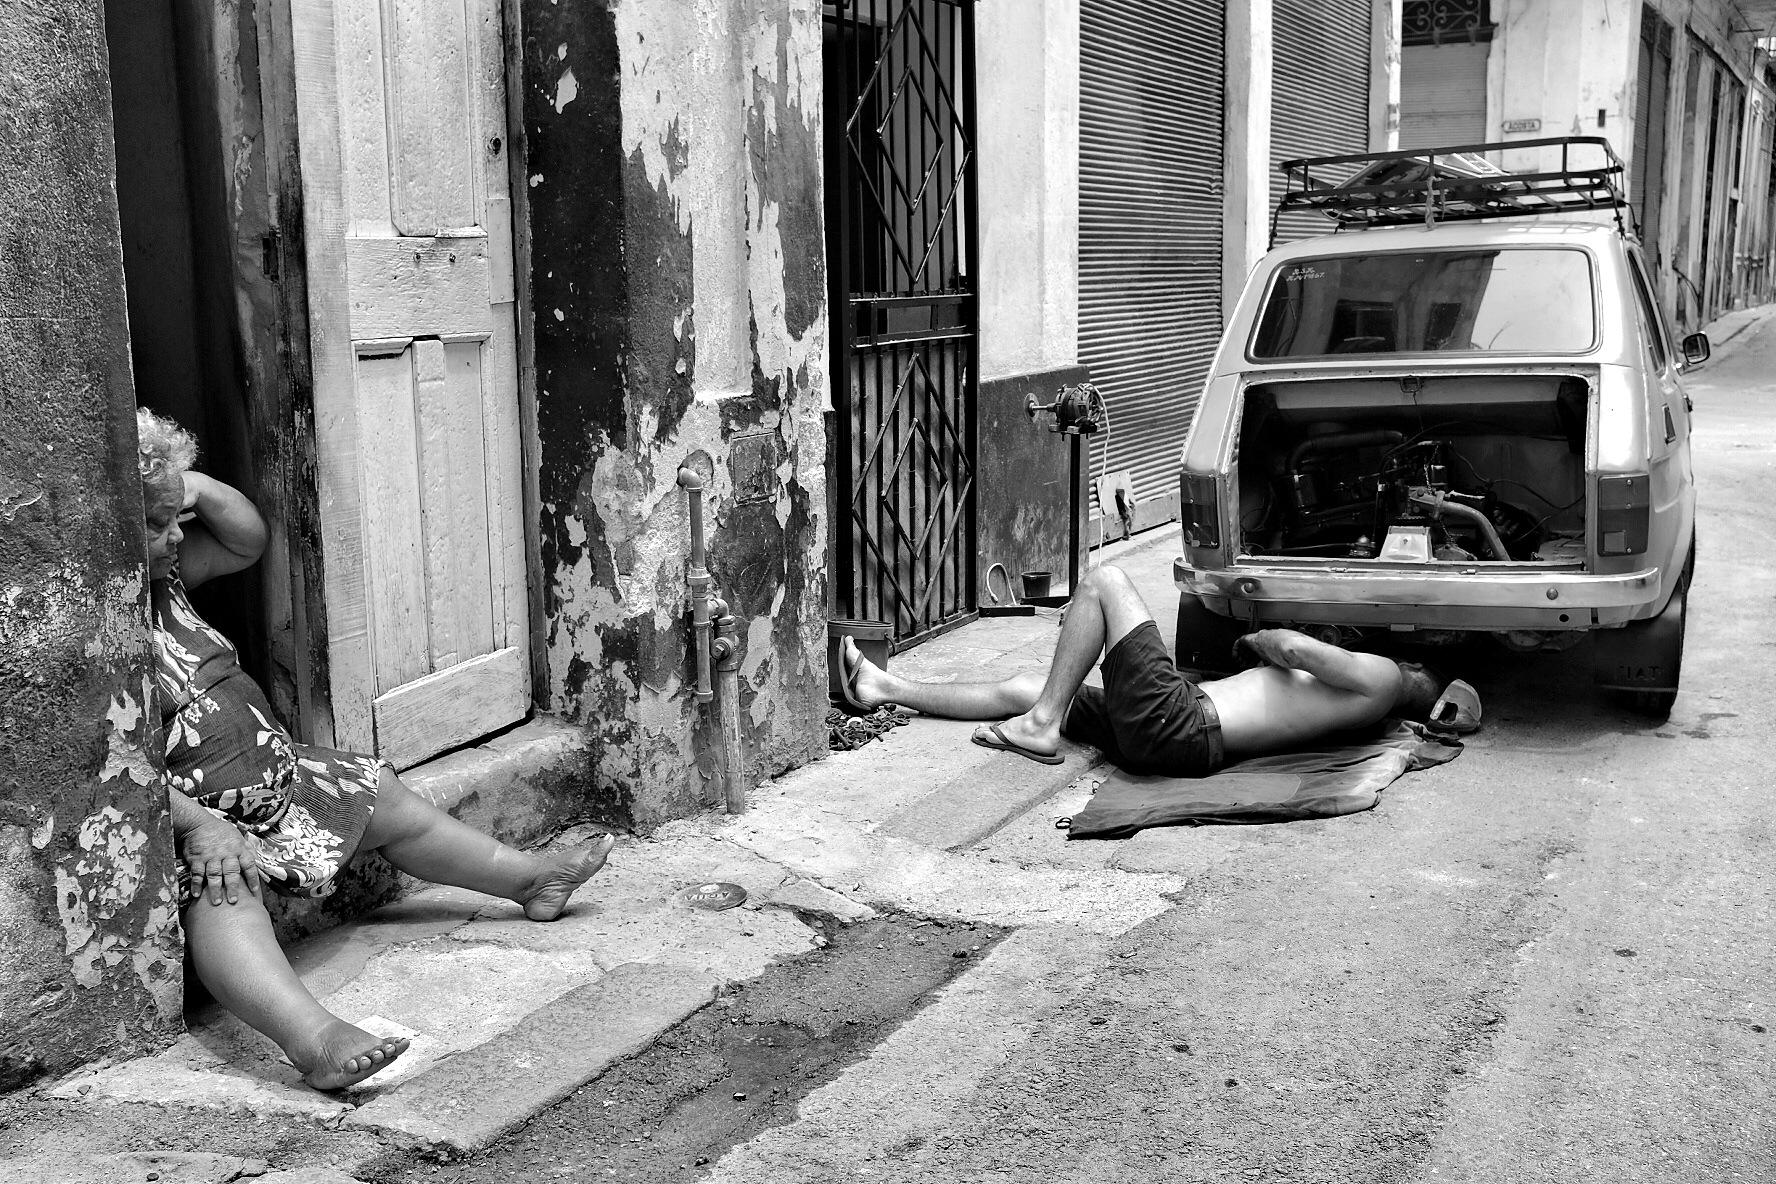 2 bodies by Staraliska